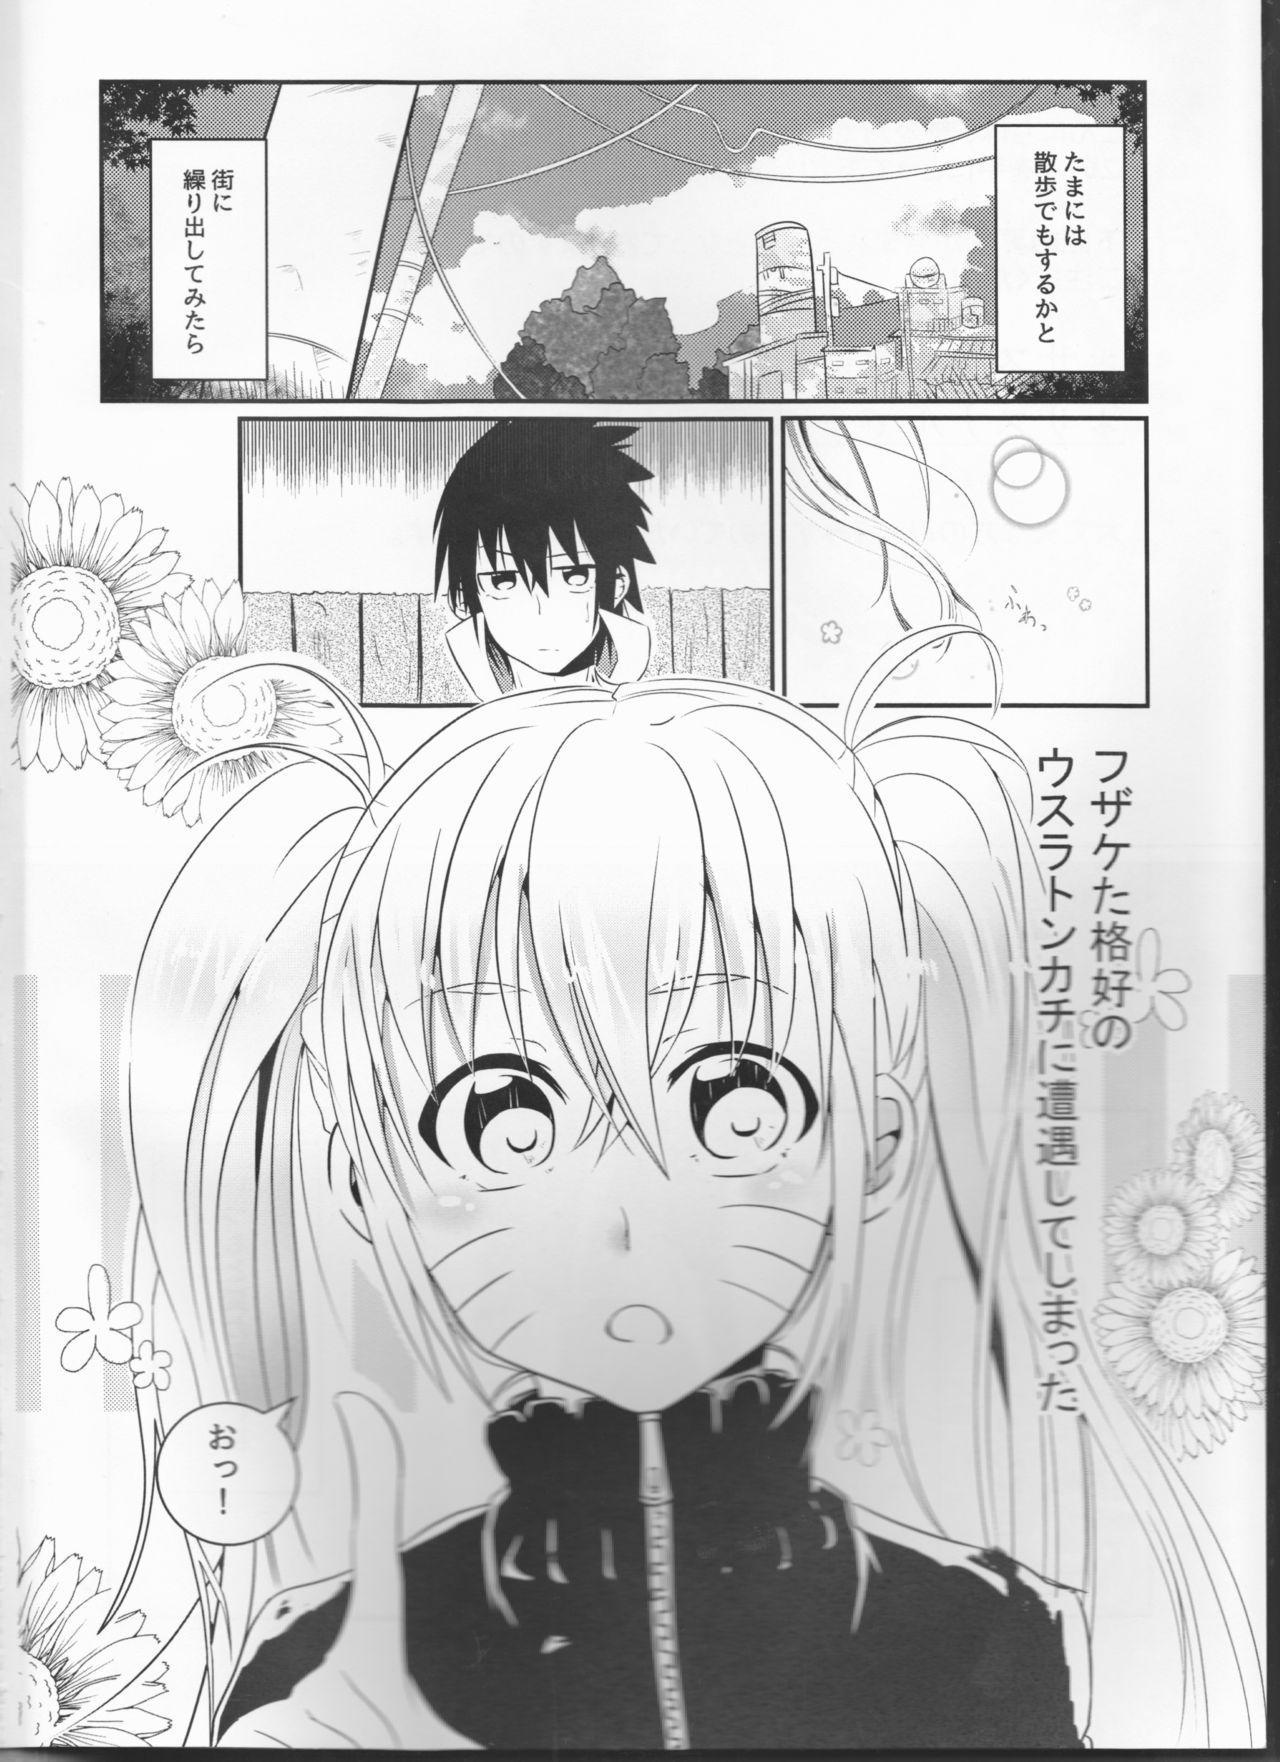 Douyara Usuratonkachi no Kudaranai Jutsu wa Ore ni Kouka ga Nai rashii. 3